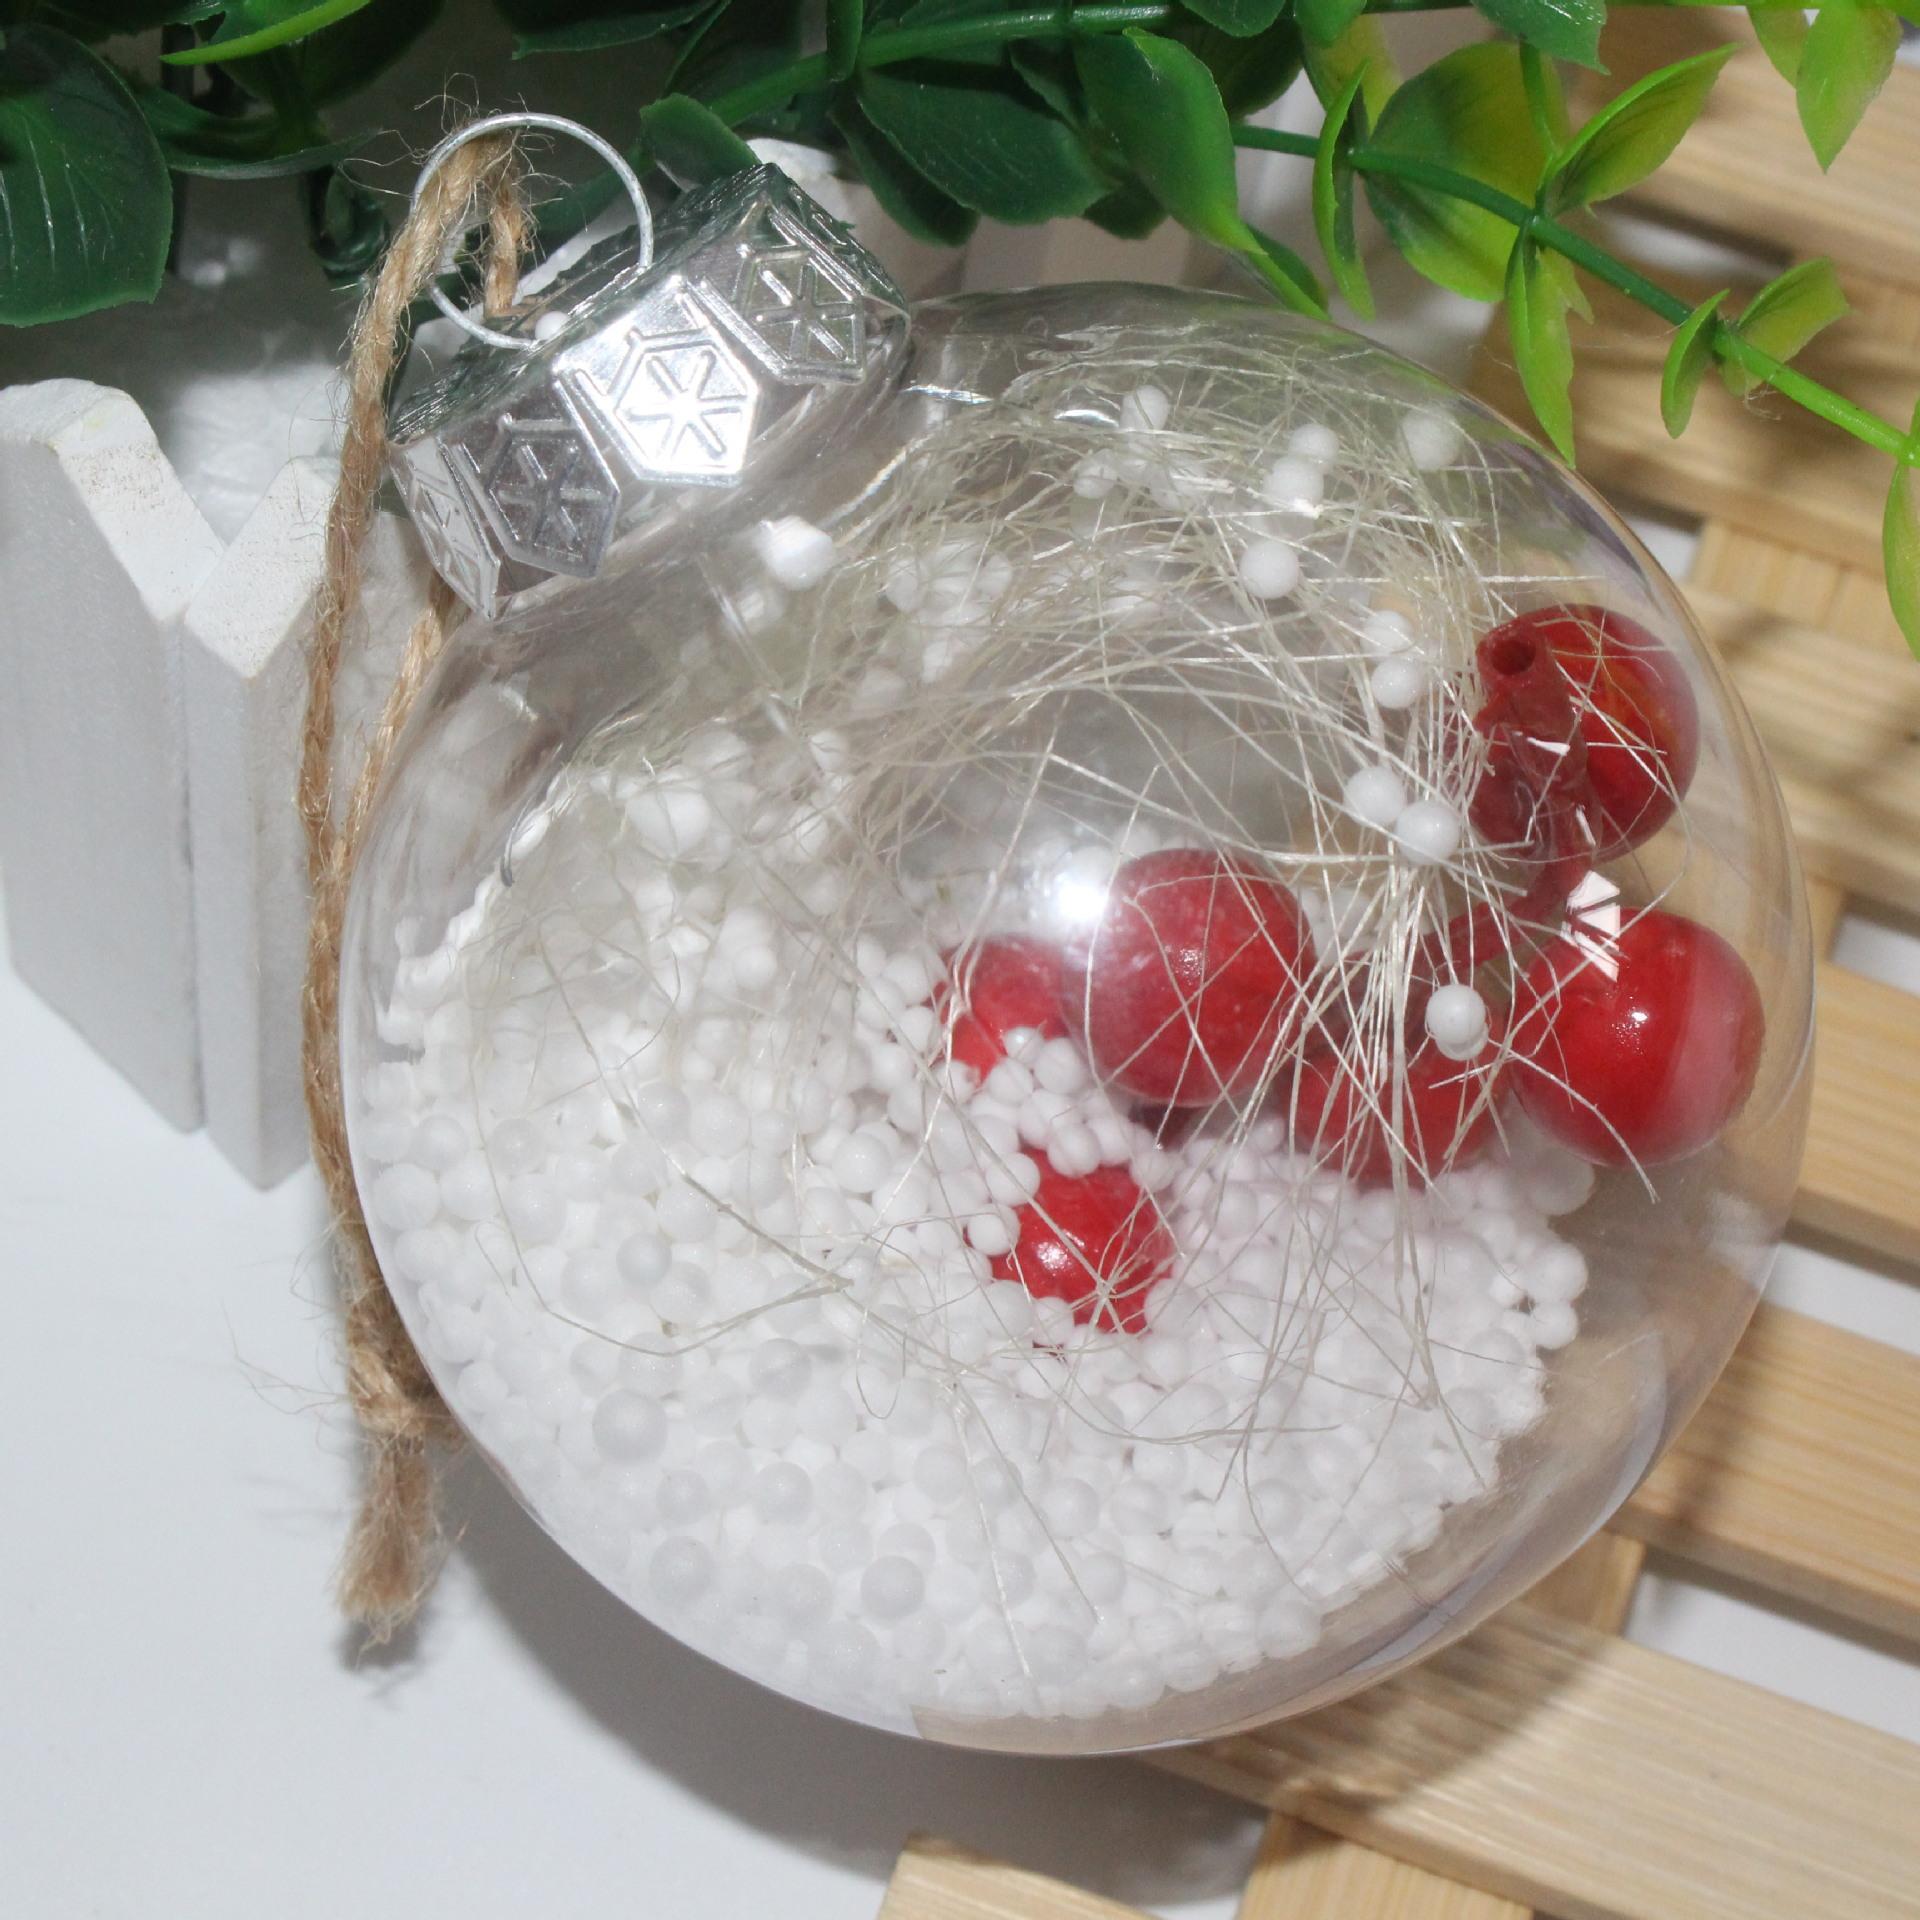 Nuova di Santa Cancella bagattella ornamento regalo sfera trasparente Per Decorazioni di Natale romantica sfera di plastica per albero di Natale Home Decor DH0385